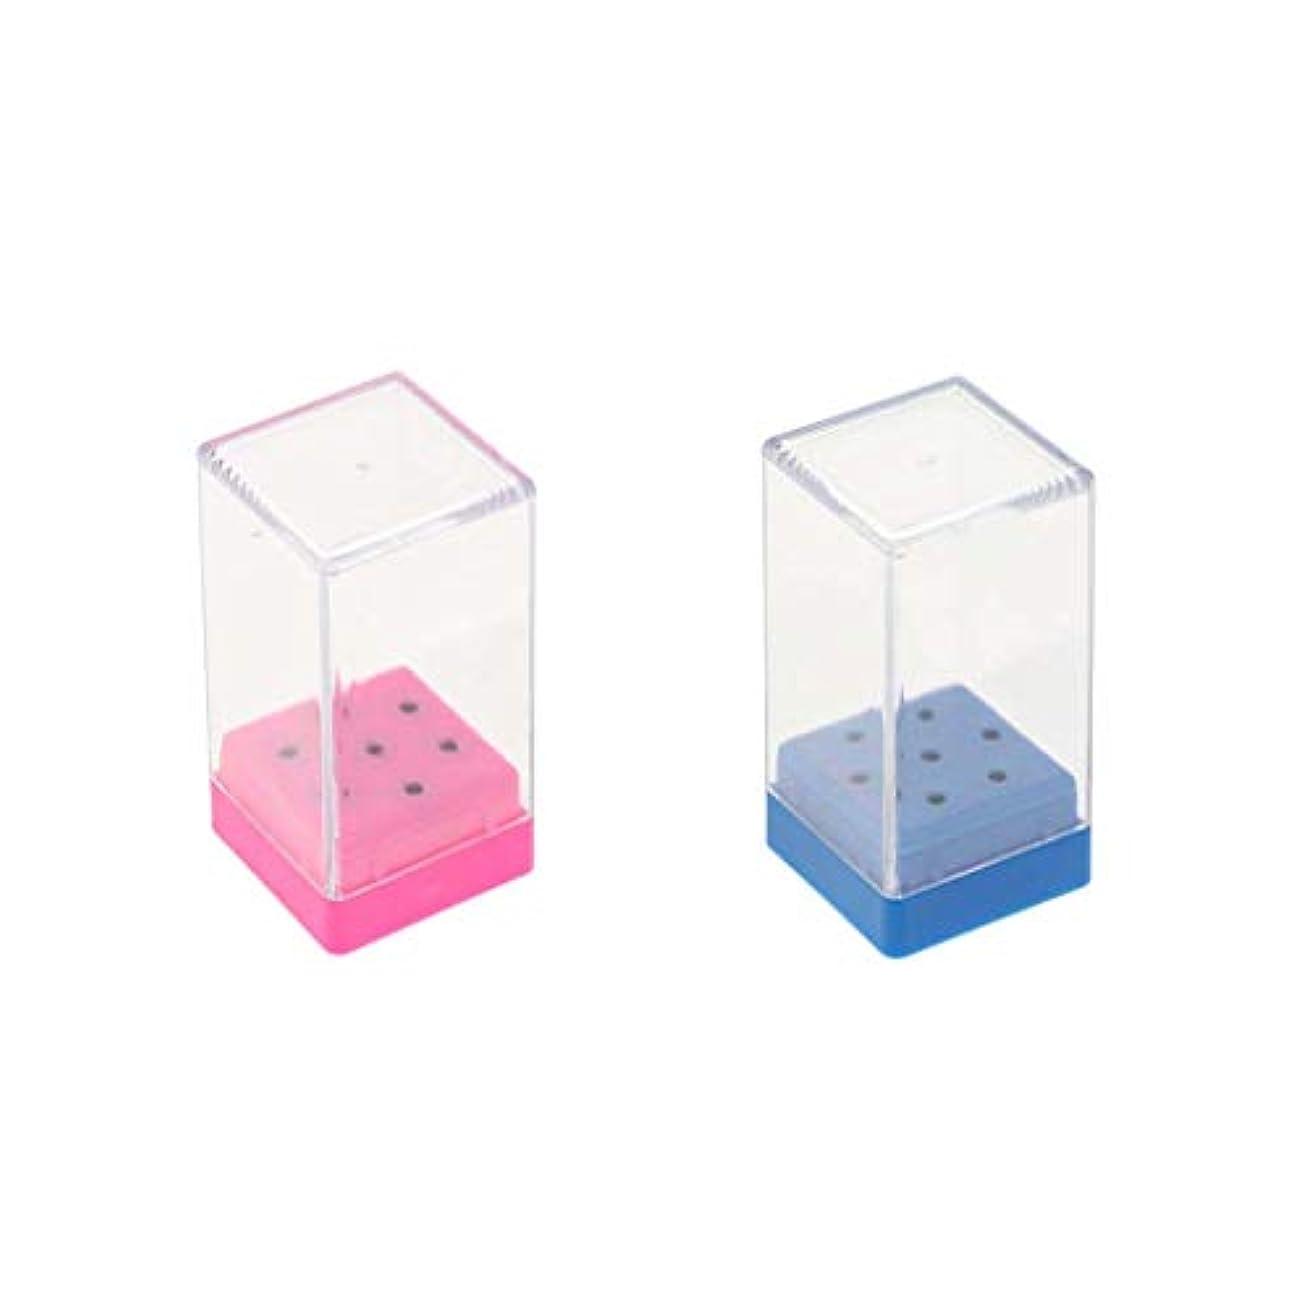 反対申し立てられた恨みHellery ミニサイズ ネイルドリルビットホルダー 透明 プラスチックカバー付き 2ピース